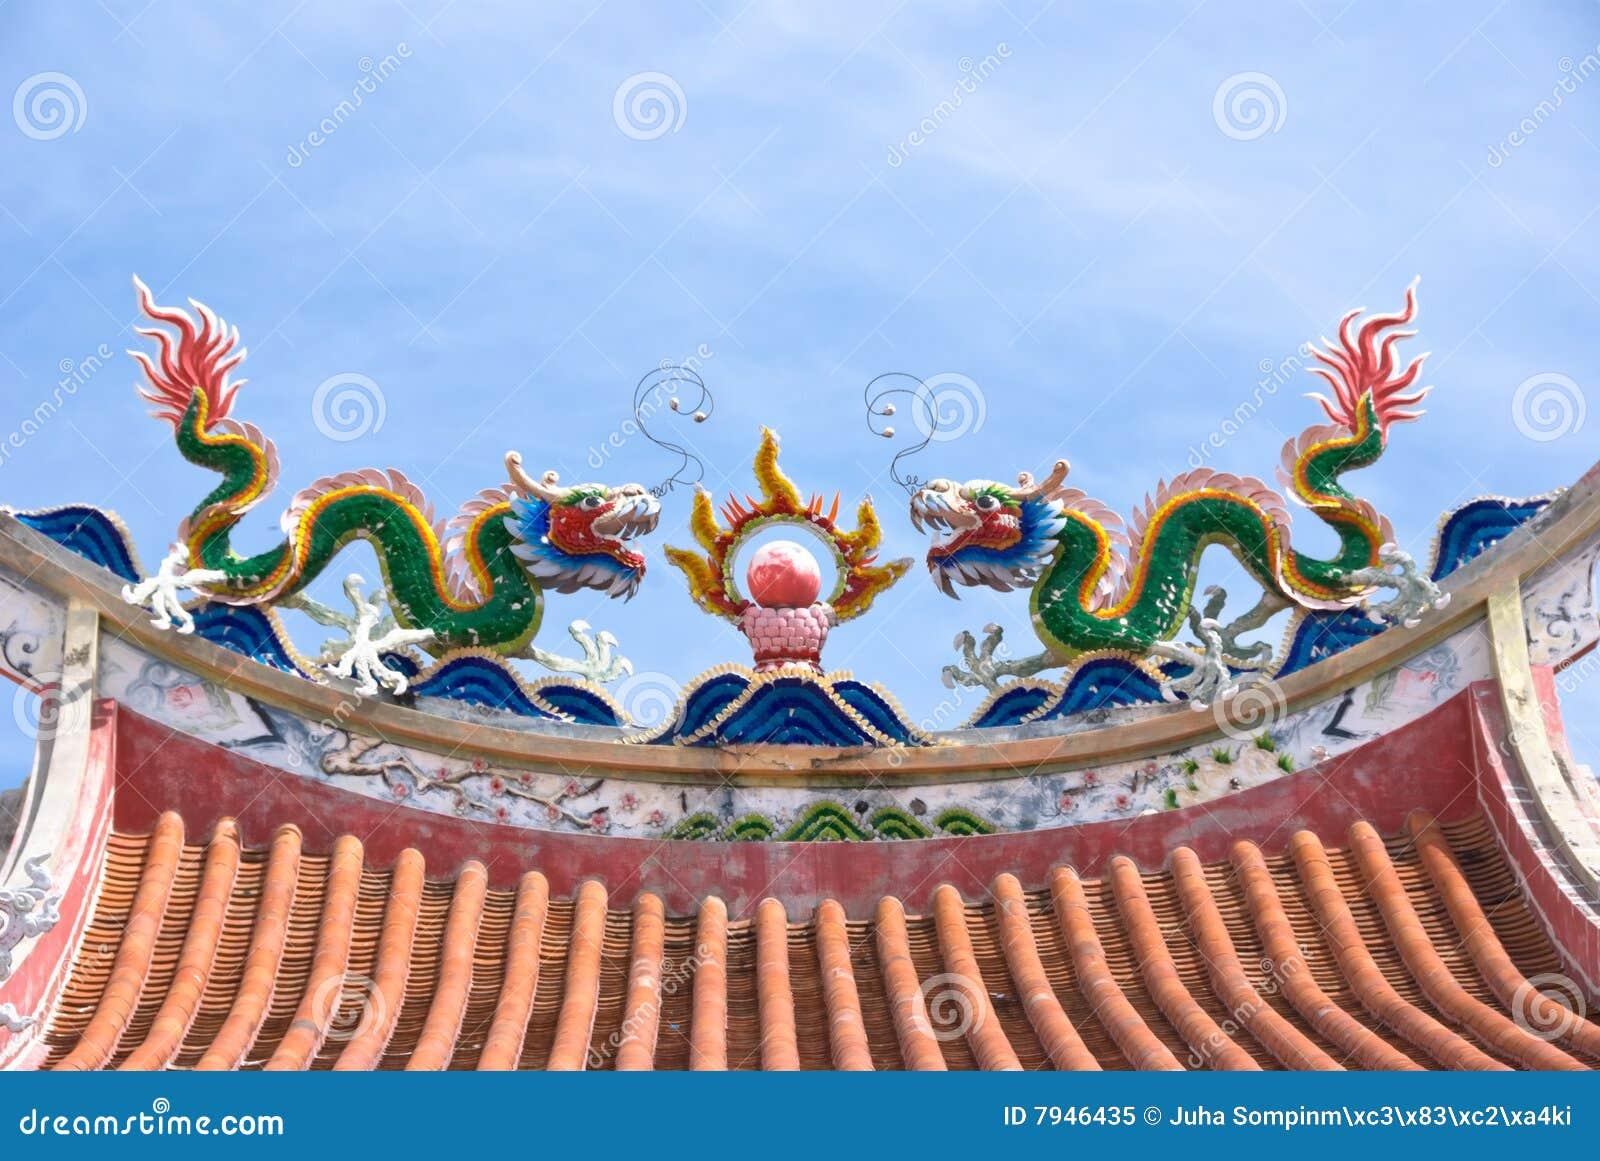 chinese temple roof decorations stock image image of mythology